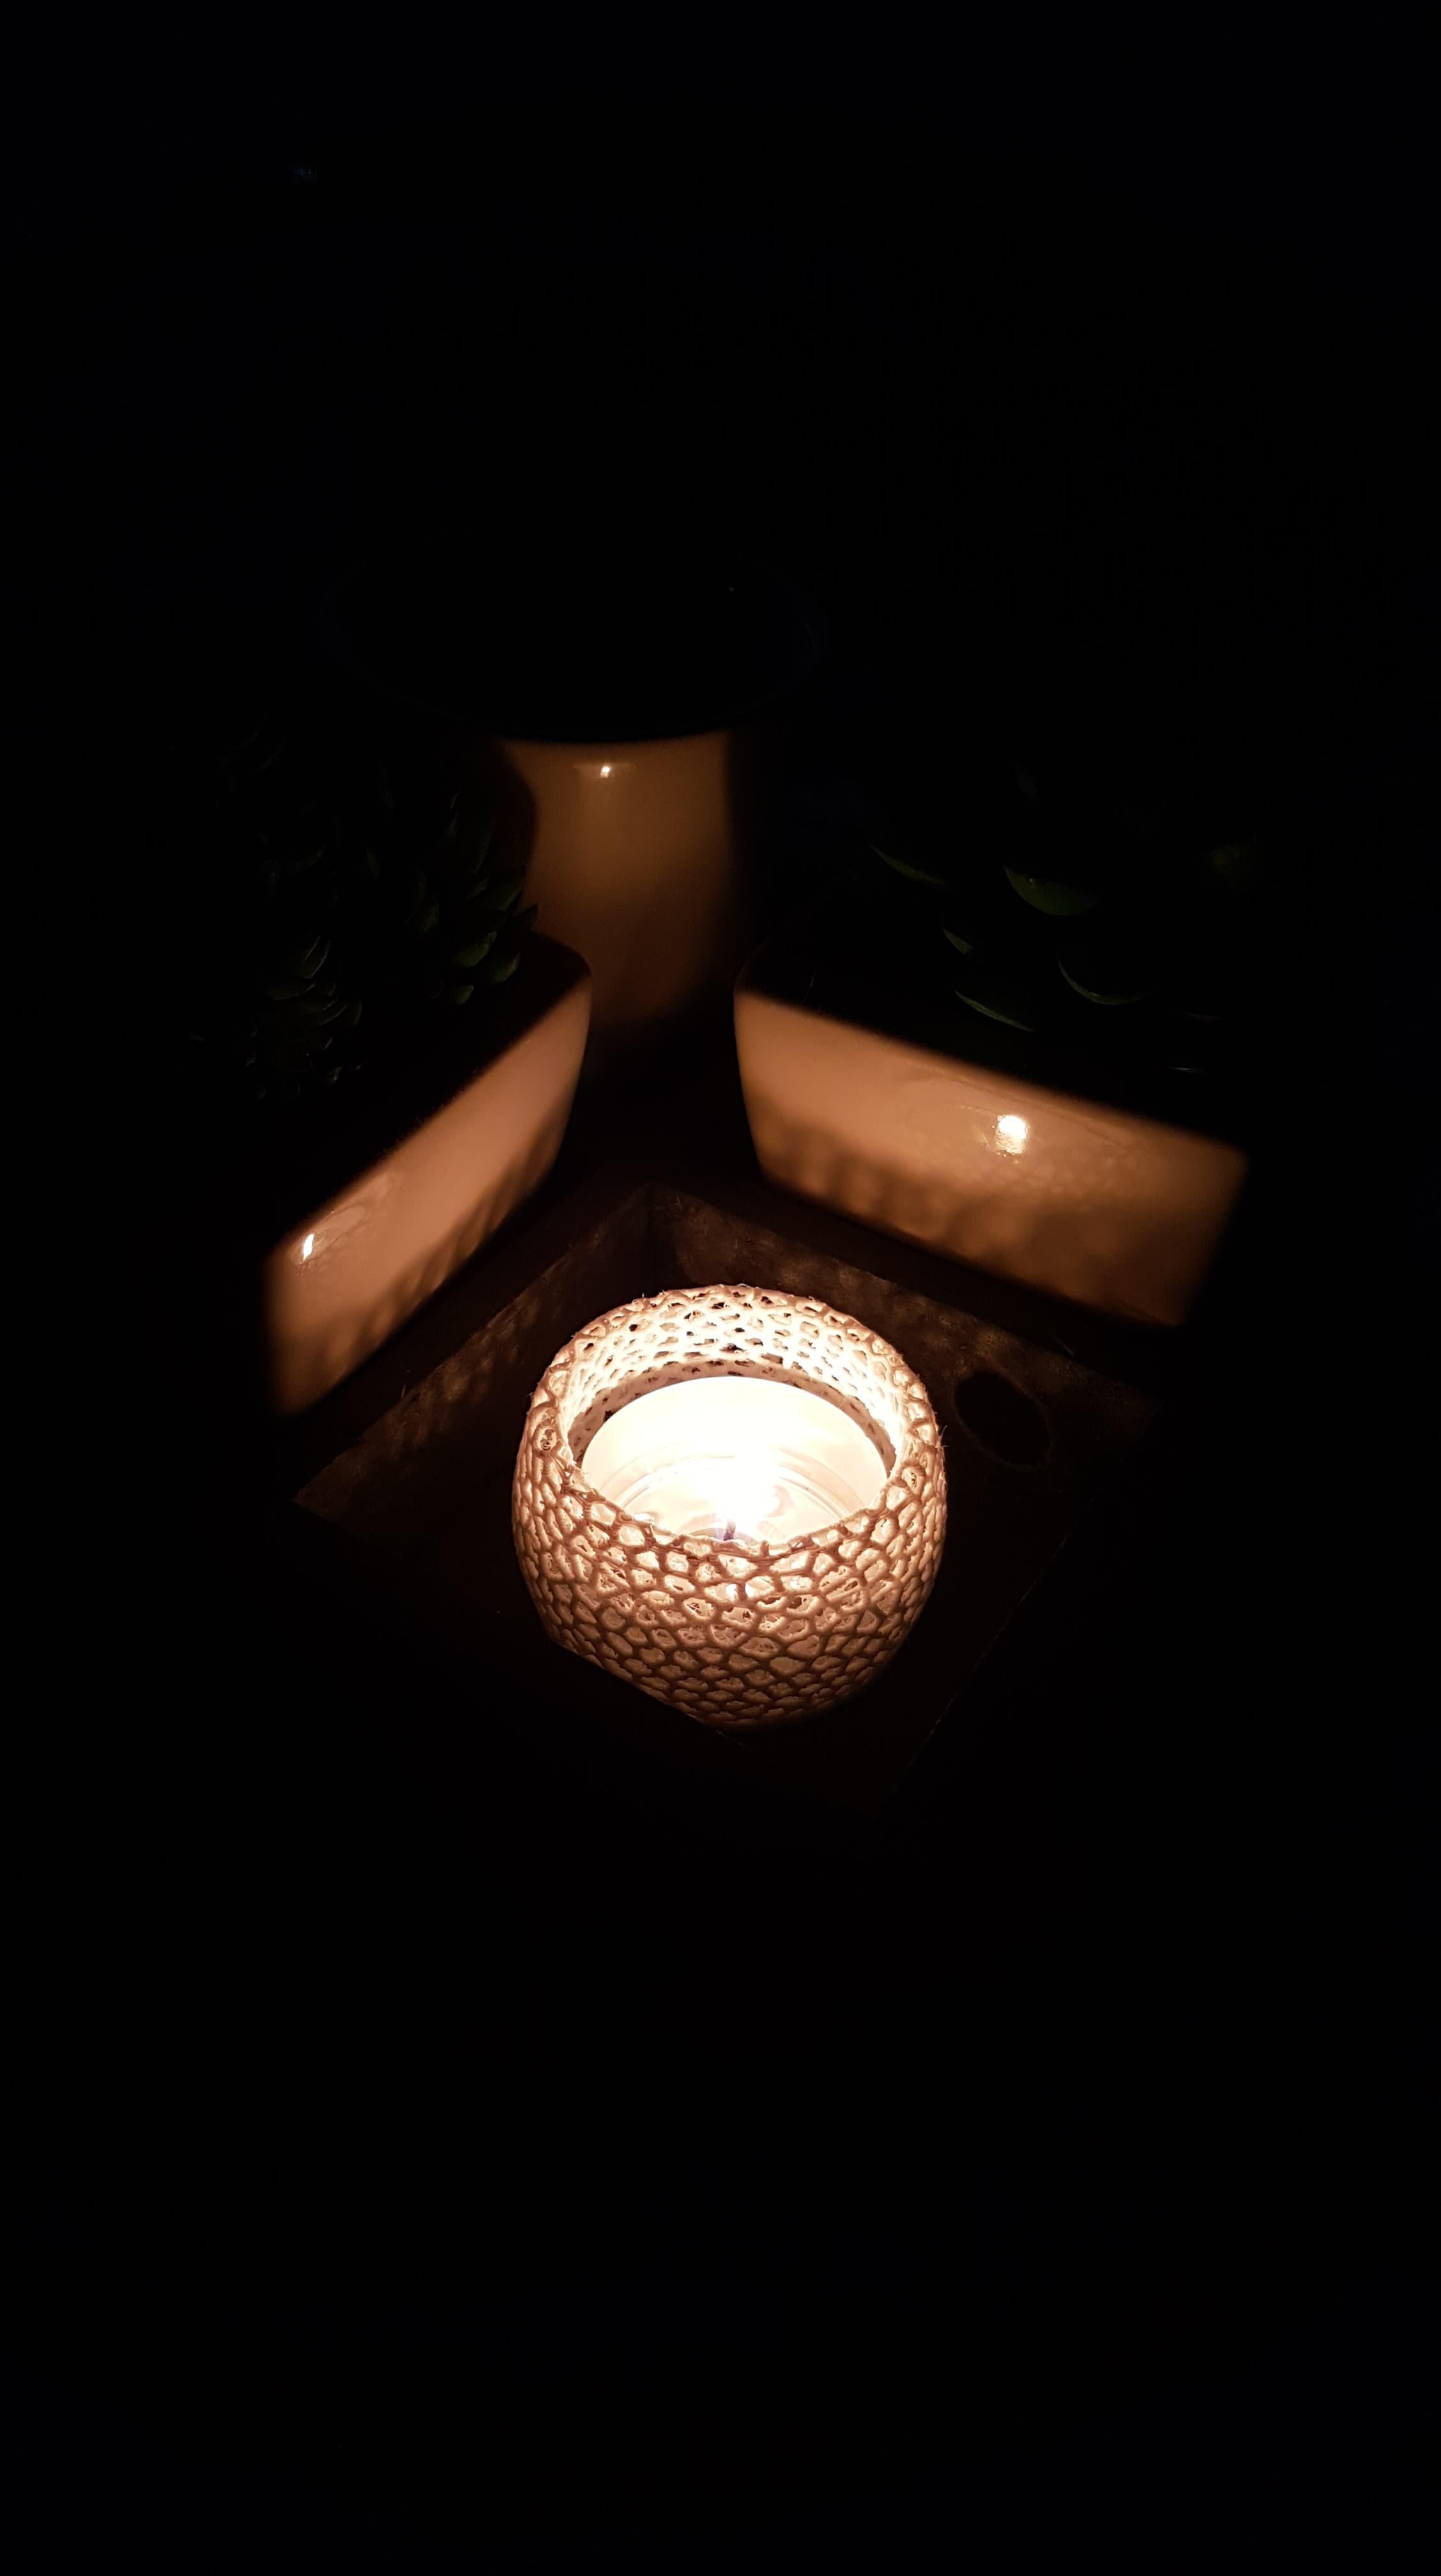 69930417_1440459562802974_7190456143259369472_n.jpg Télécharger fichier STL gratuit Petite bougie chauffe-plat voronoi ( pour lumières LED et bougies chauffe-plat réelles) • Design pour impression 3D, Peter-Jan